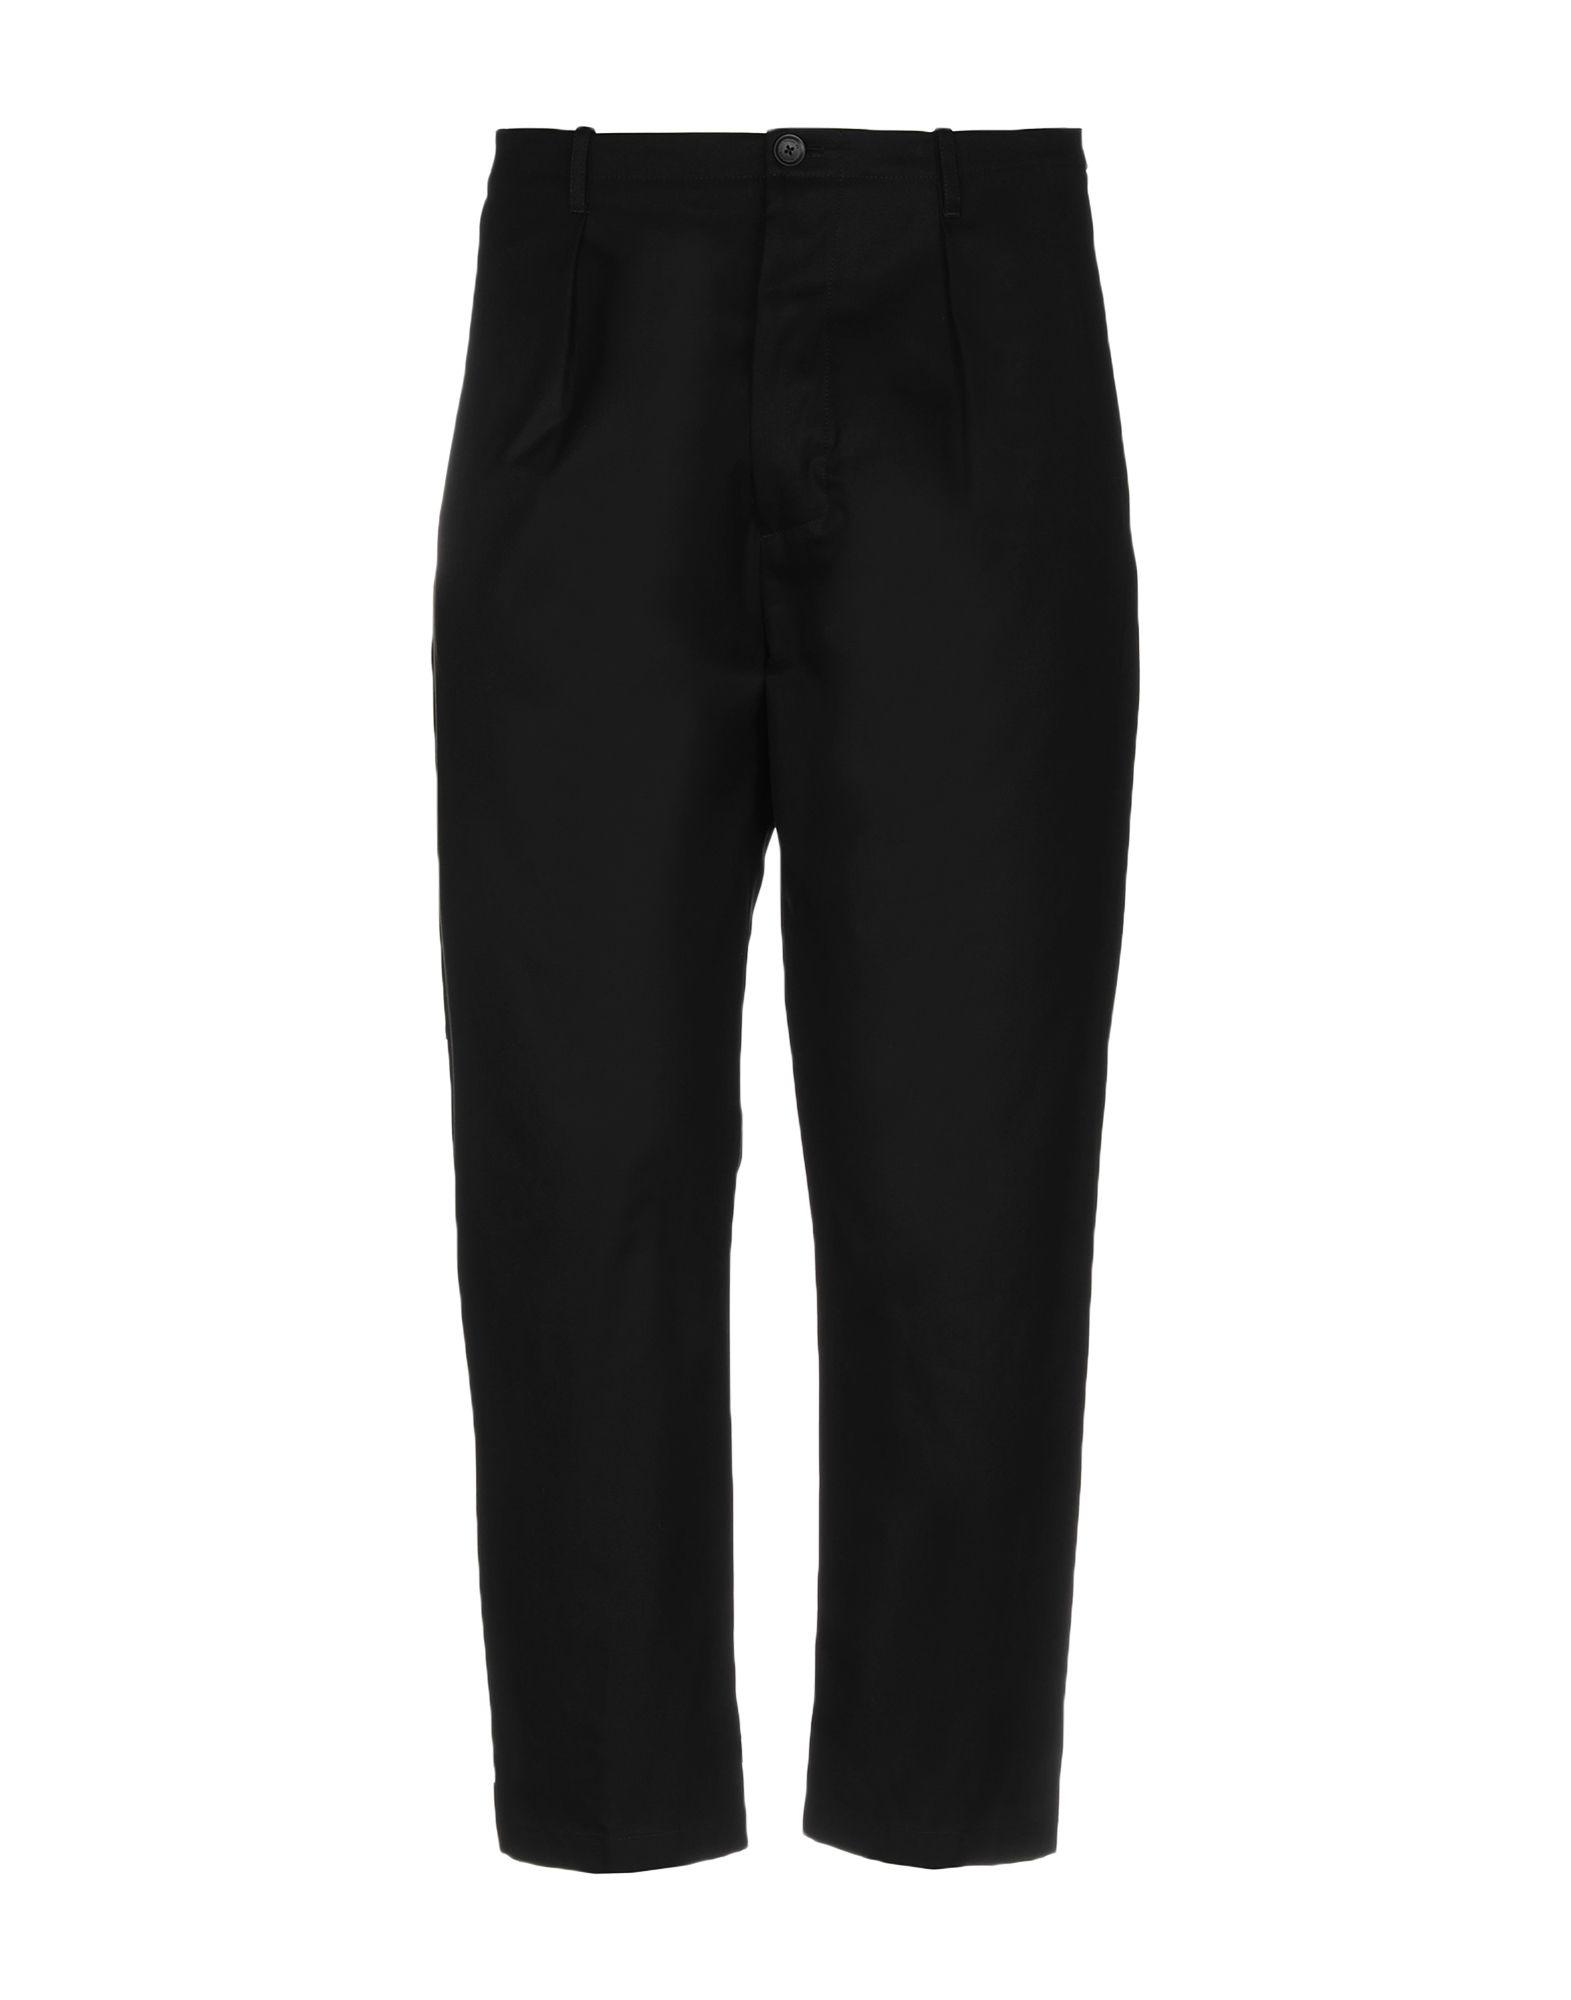 《送料無料》VALENTINO メンズ パンツ ブラック 46 コットン 100%